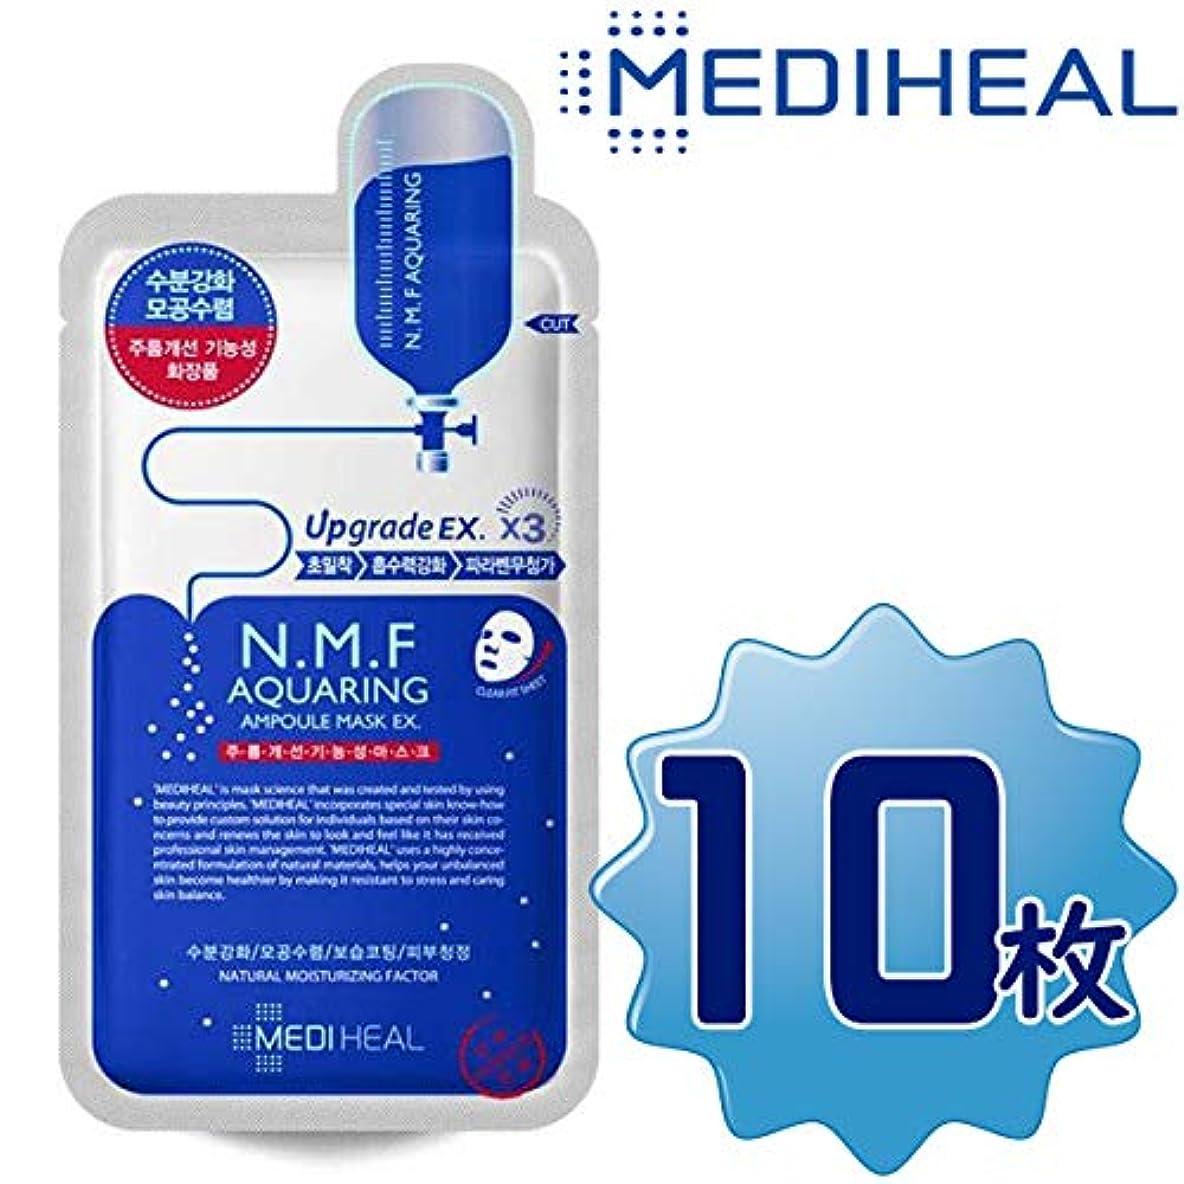 商人円形蚊【正規輸入品】Mediheal メディヒール N.M.F アクアリング アンプル?マスクパックEX 10枚入り×1(Aquaring Ampoule Essential Mask PackEX 1box(10sheet)×1